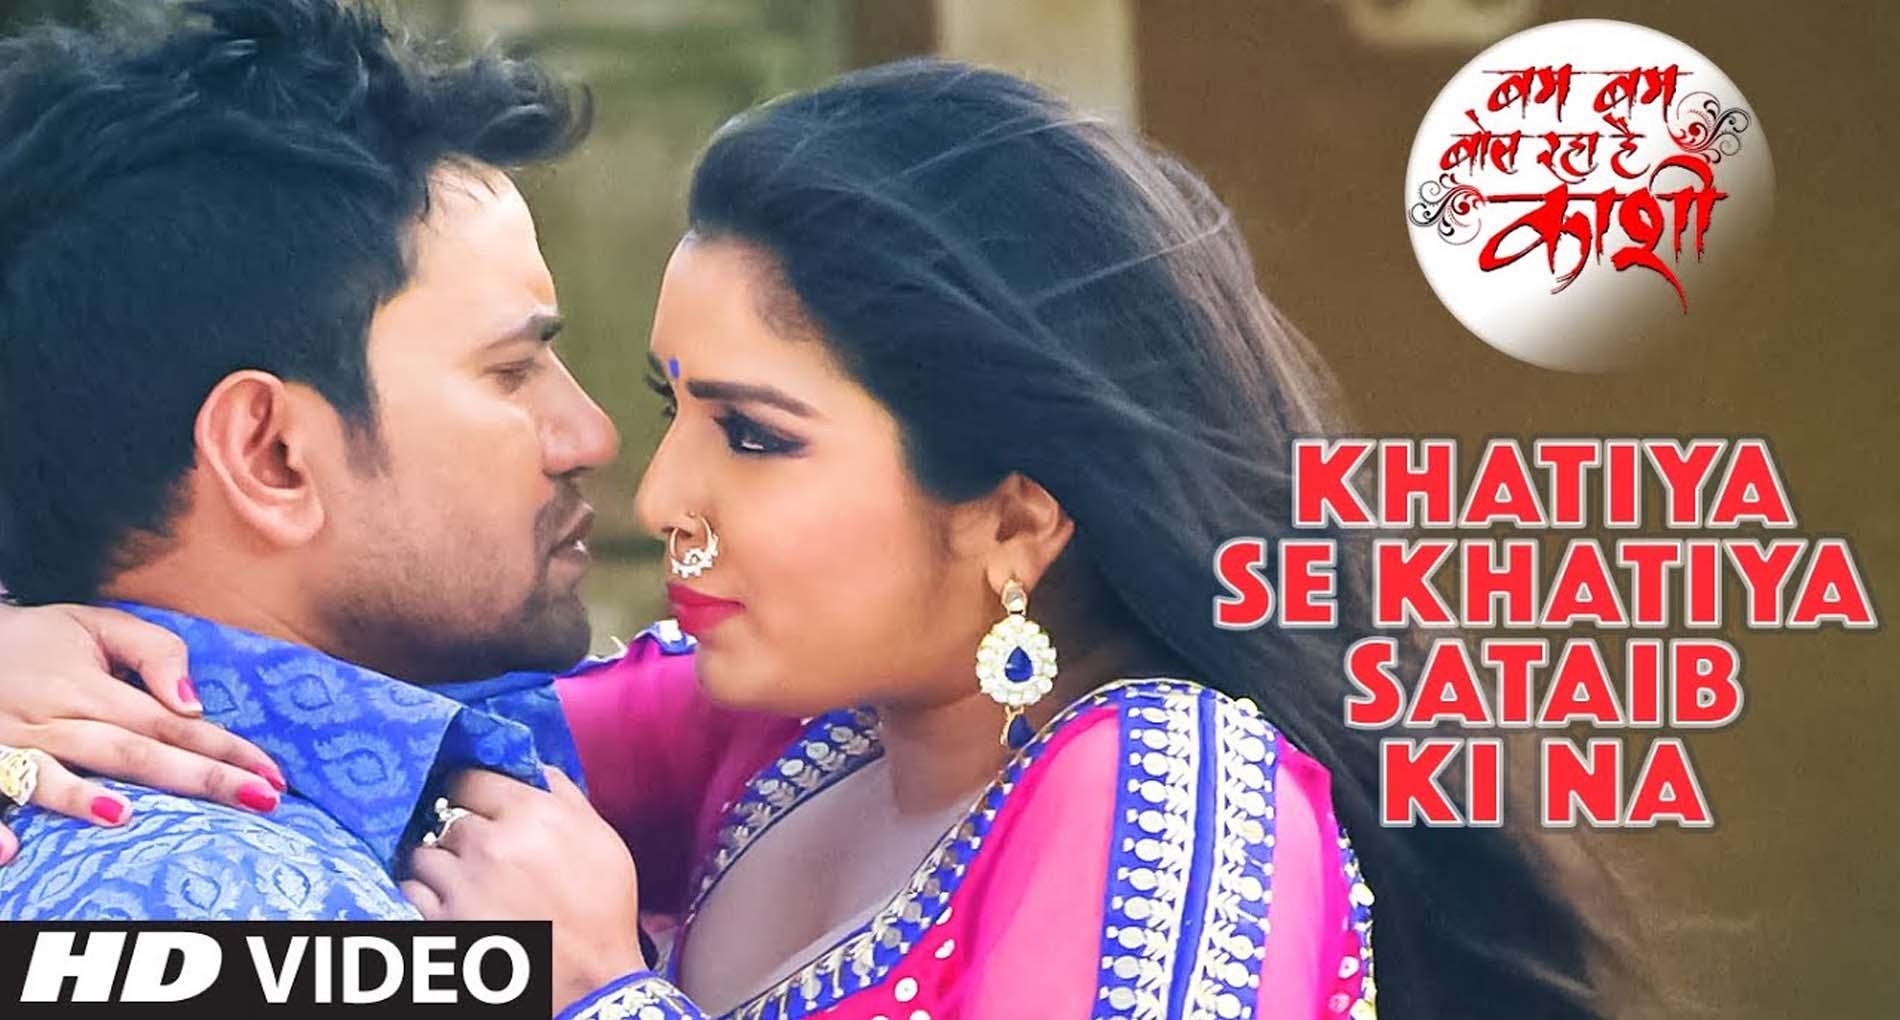 Aamrapali Dubey Video Song: 11 मिलियन से ज्यादा बार देखा गया आम्रपाली का ये गाना! देखें वीडियो